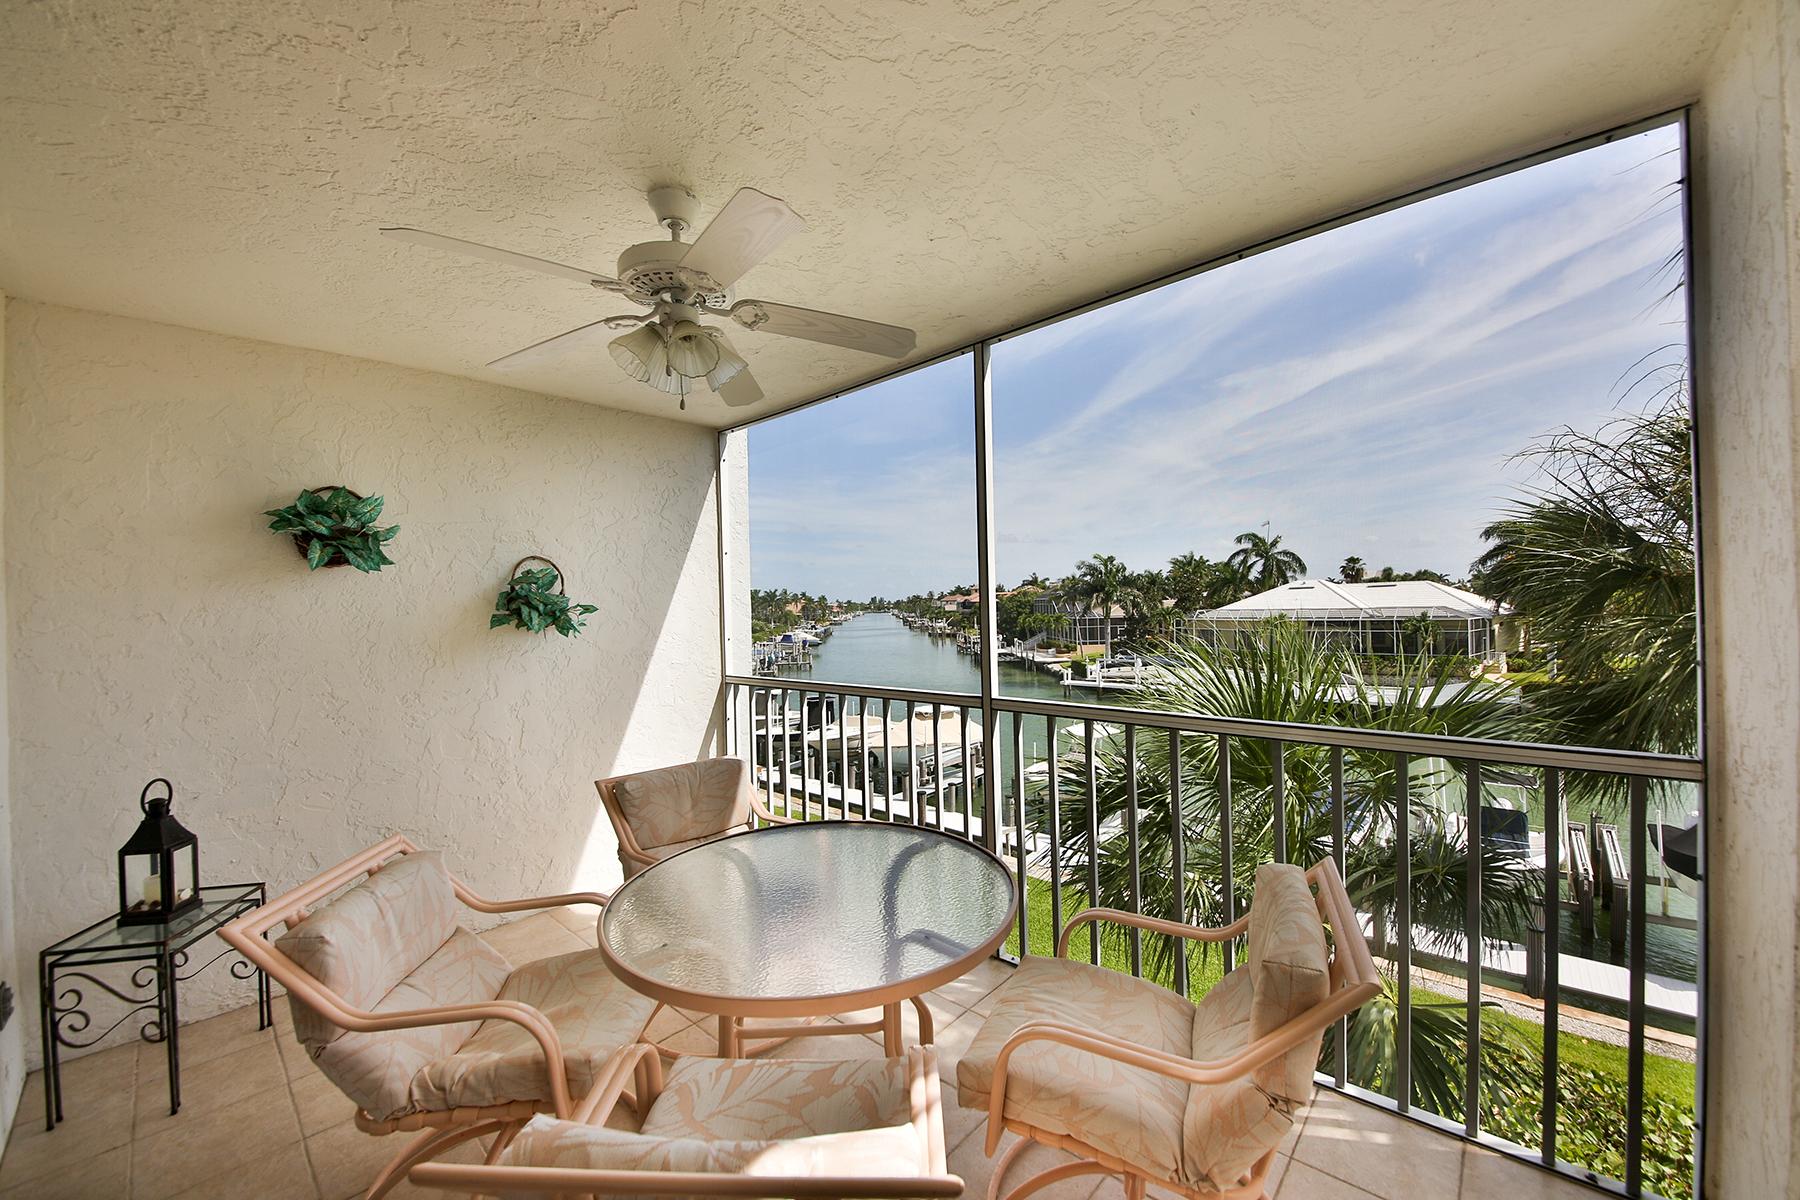 Condomínio para Venda às MARCO BEACH - EAGLE CAY 889 Collier Ct 2-305 Marco Island, Florida, 34145 Estados Unidos